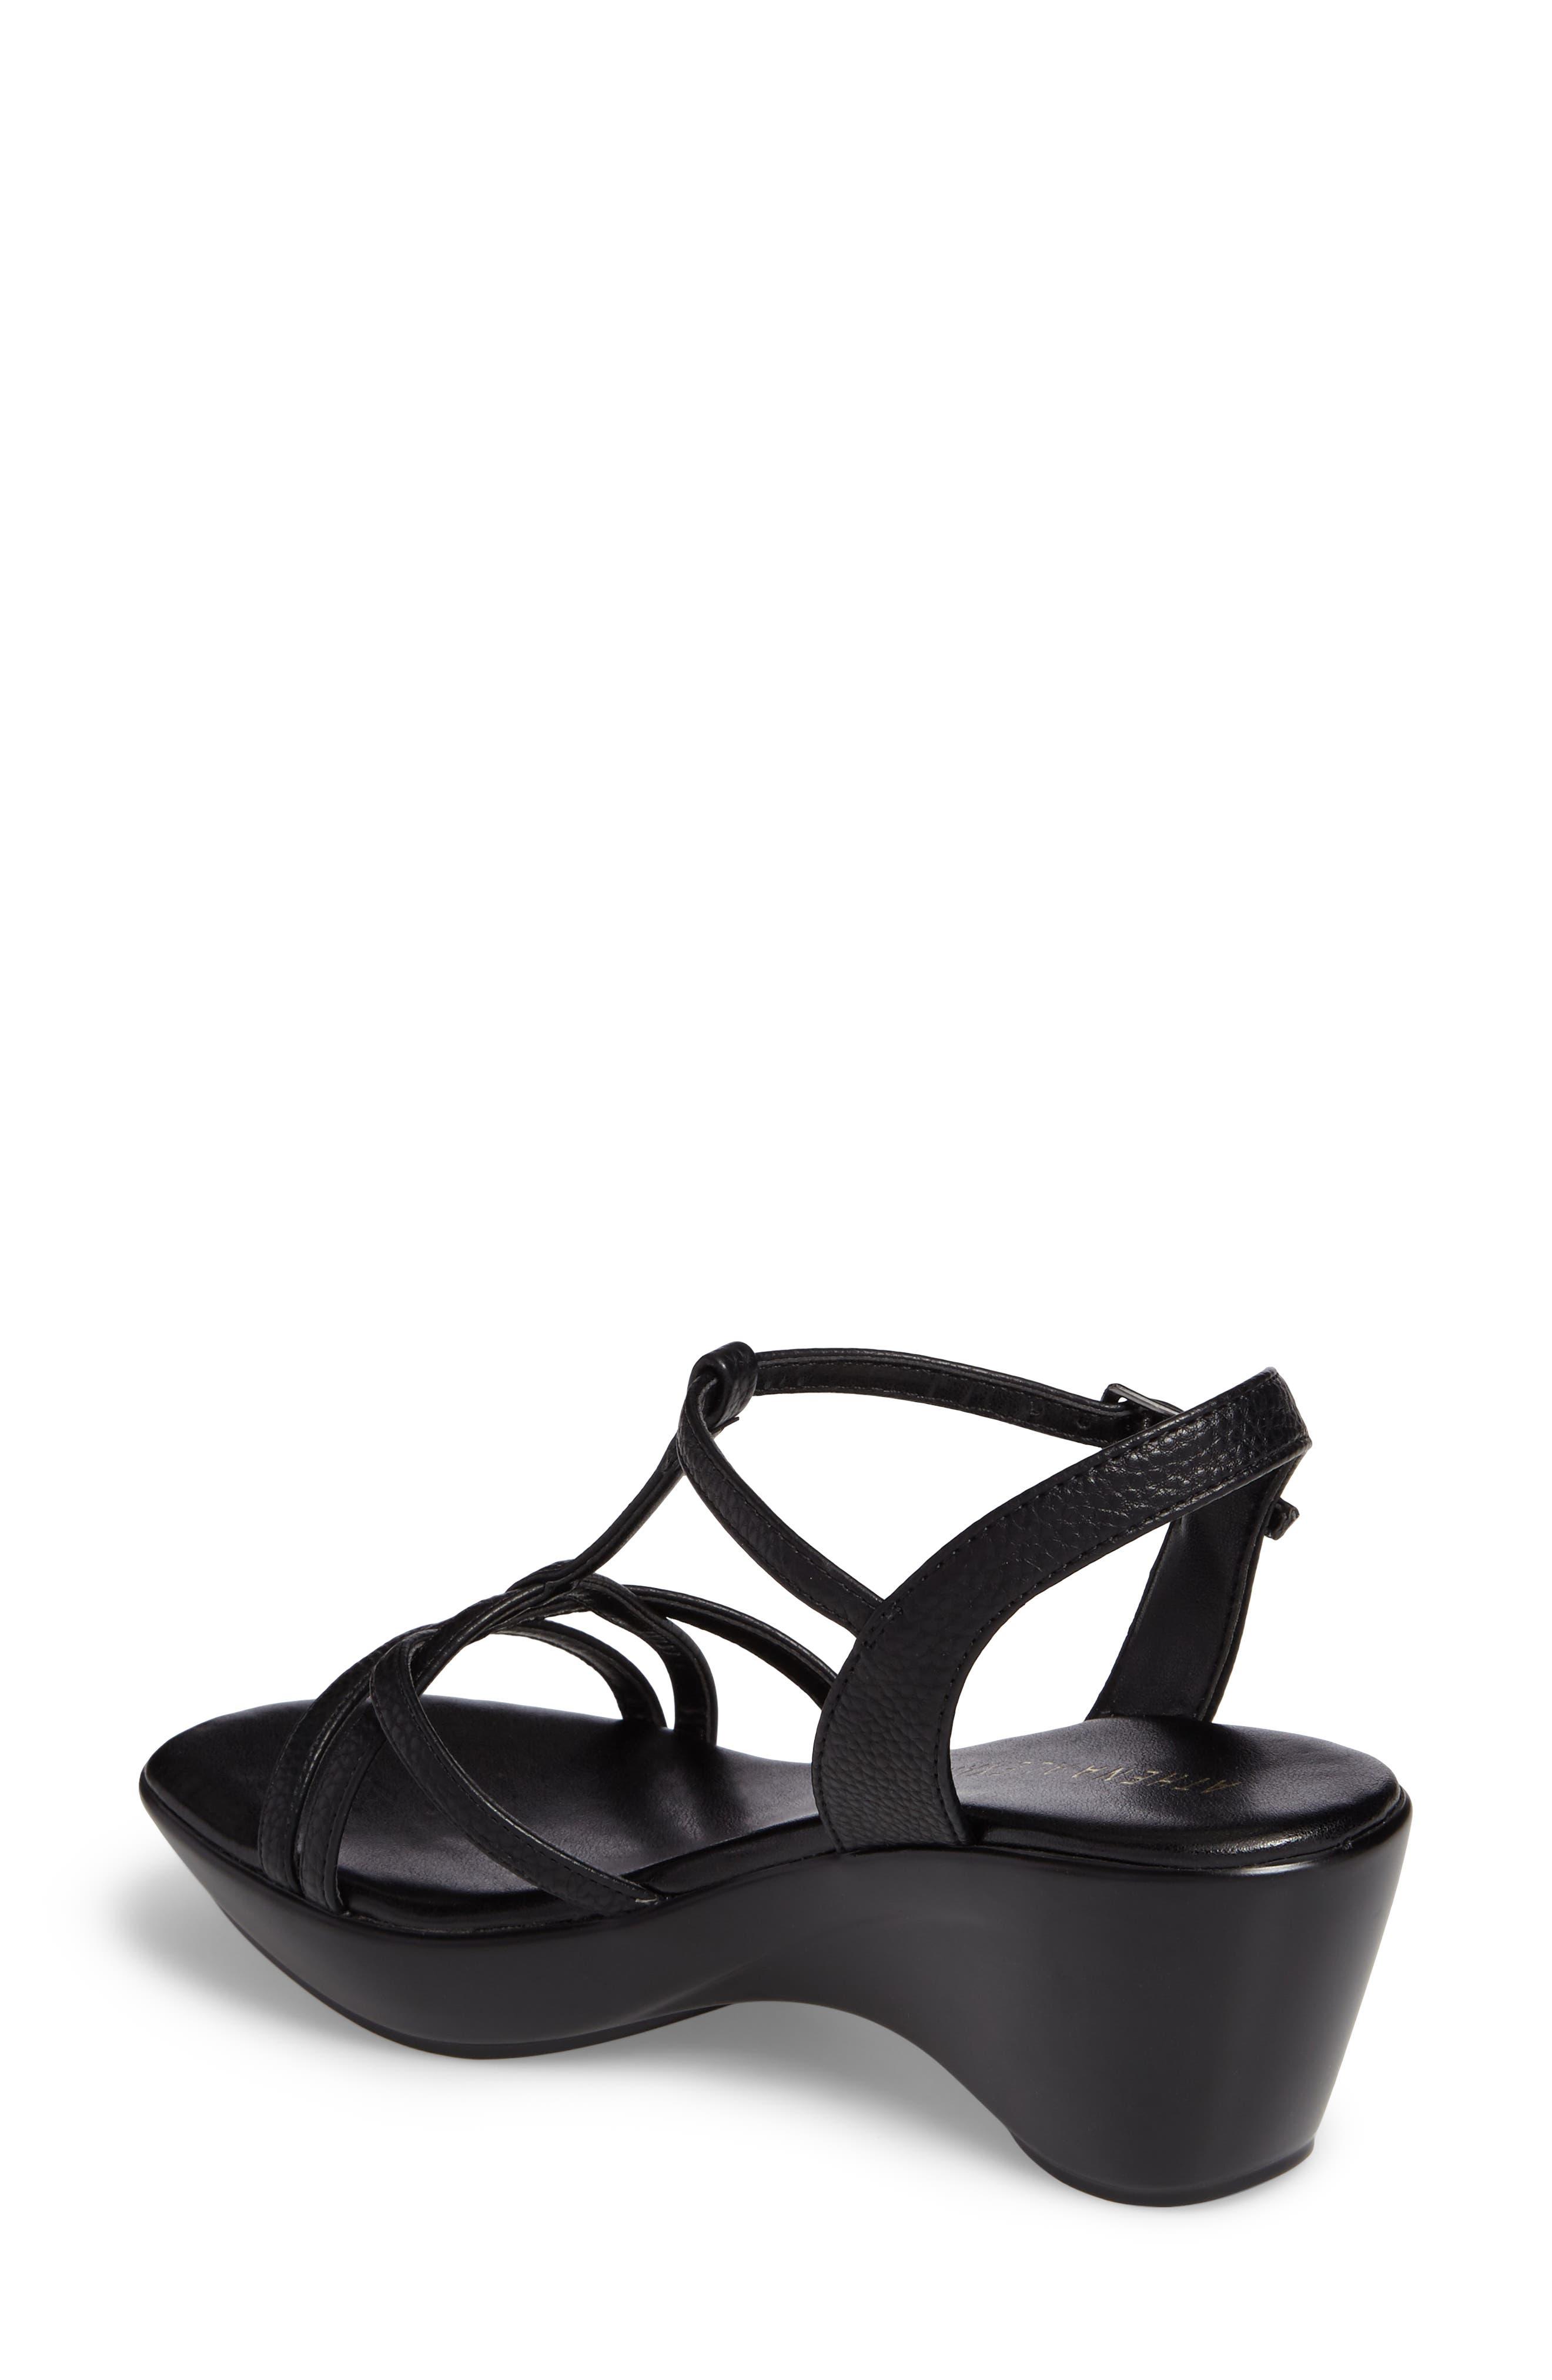 Cassort T-Strap Sandal,                             Alternate thumbnail 2, color,                             Black Faux Leather